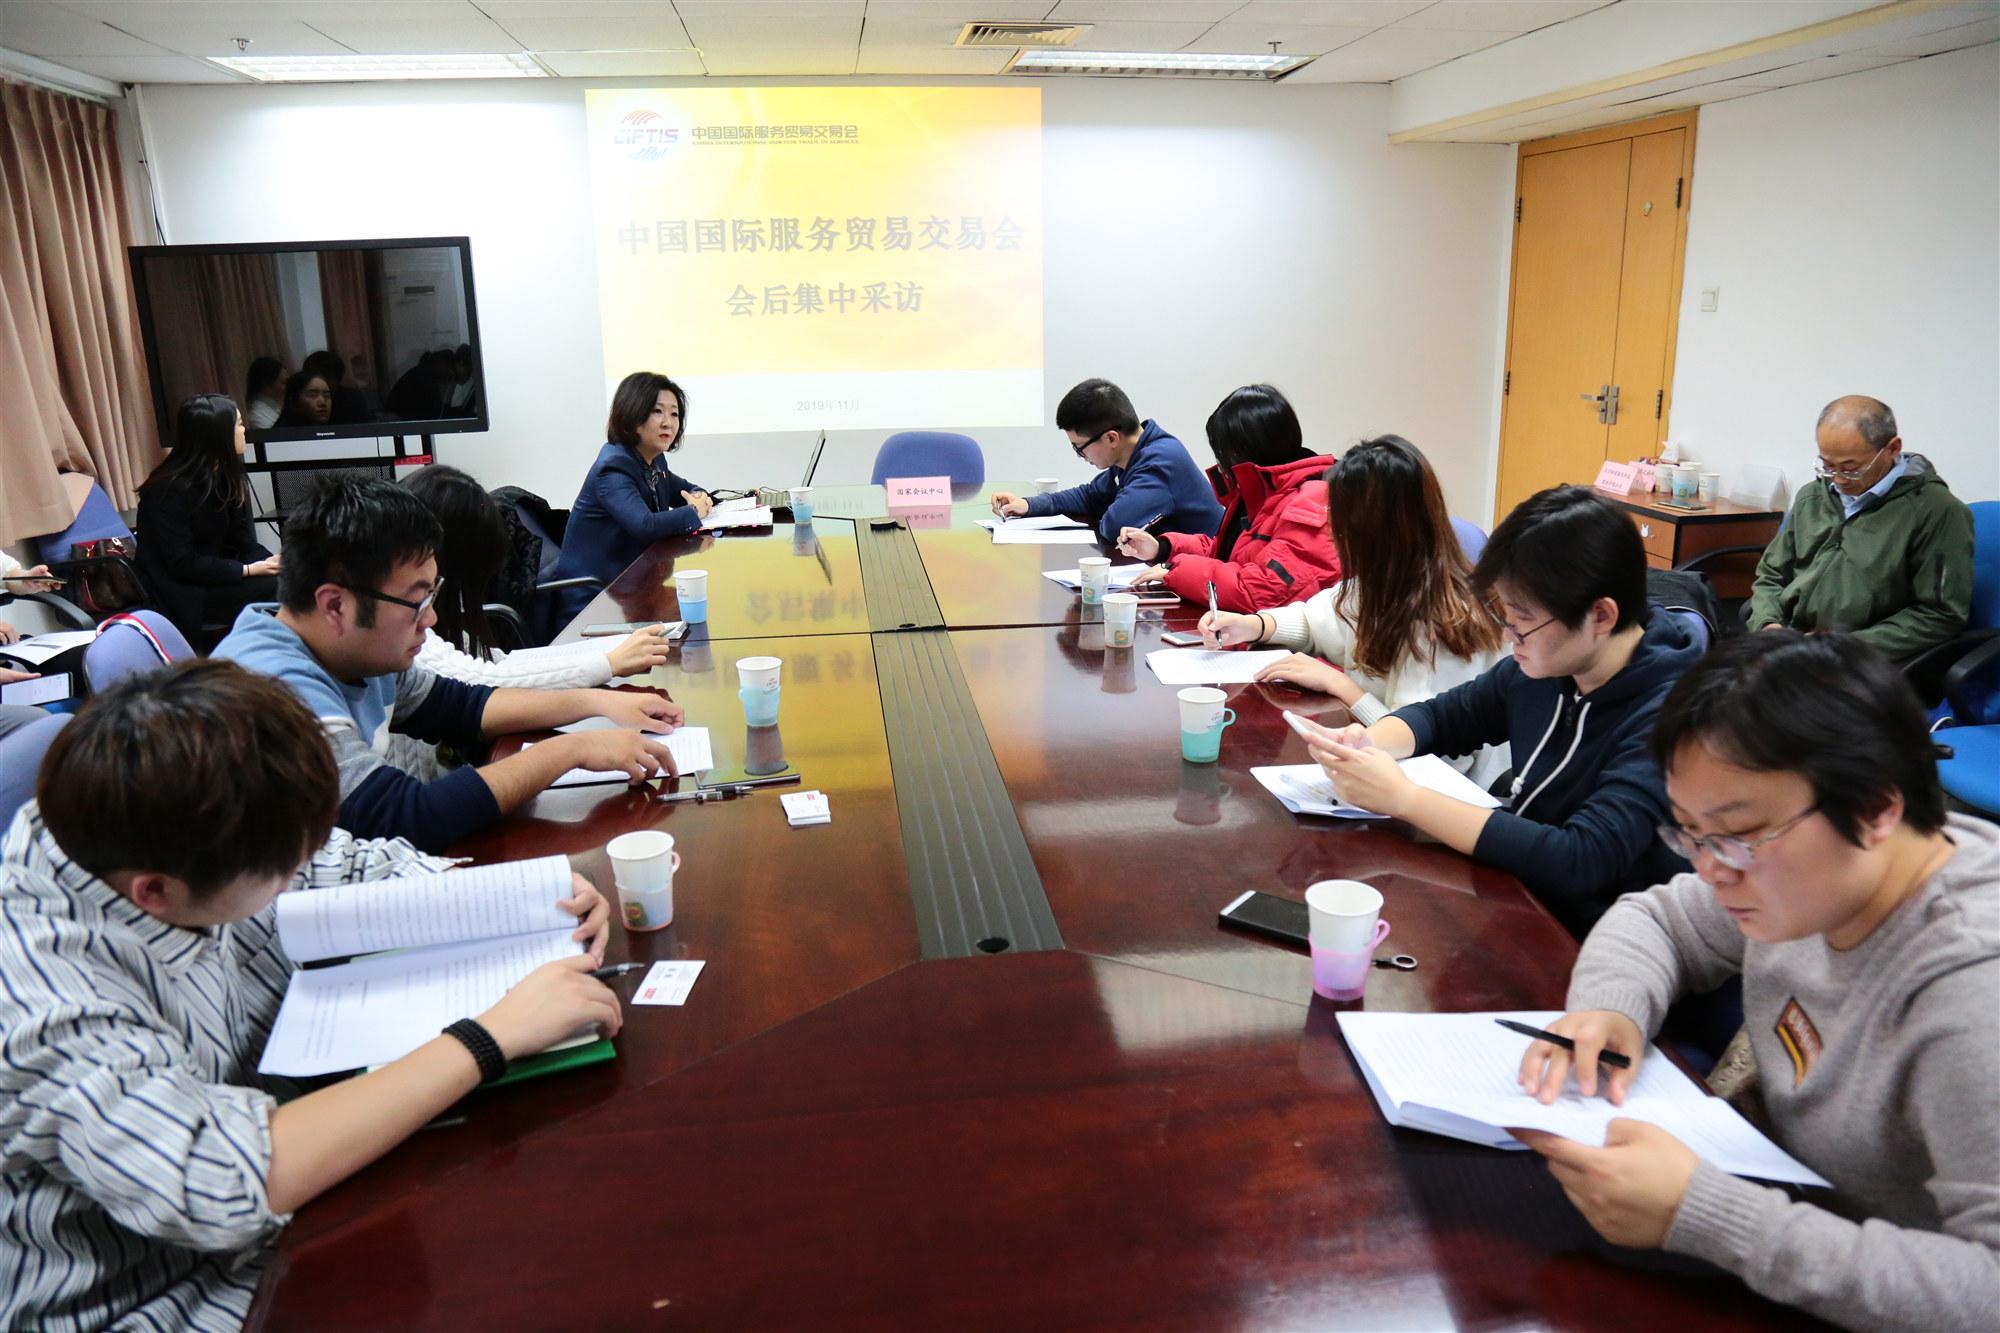 京交会评优秀服务案例企业  搭台共同扩大企业影响力